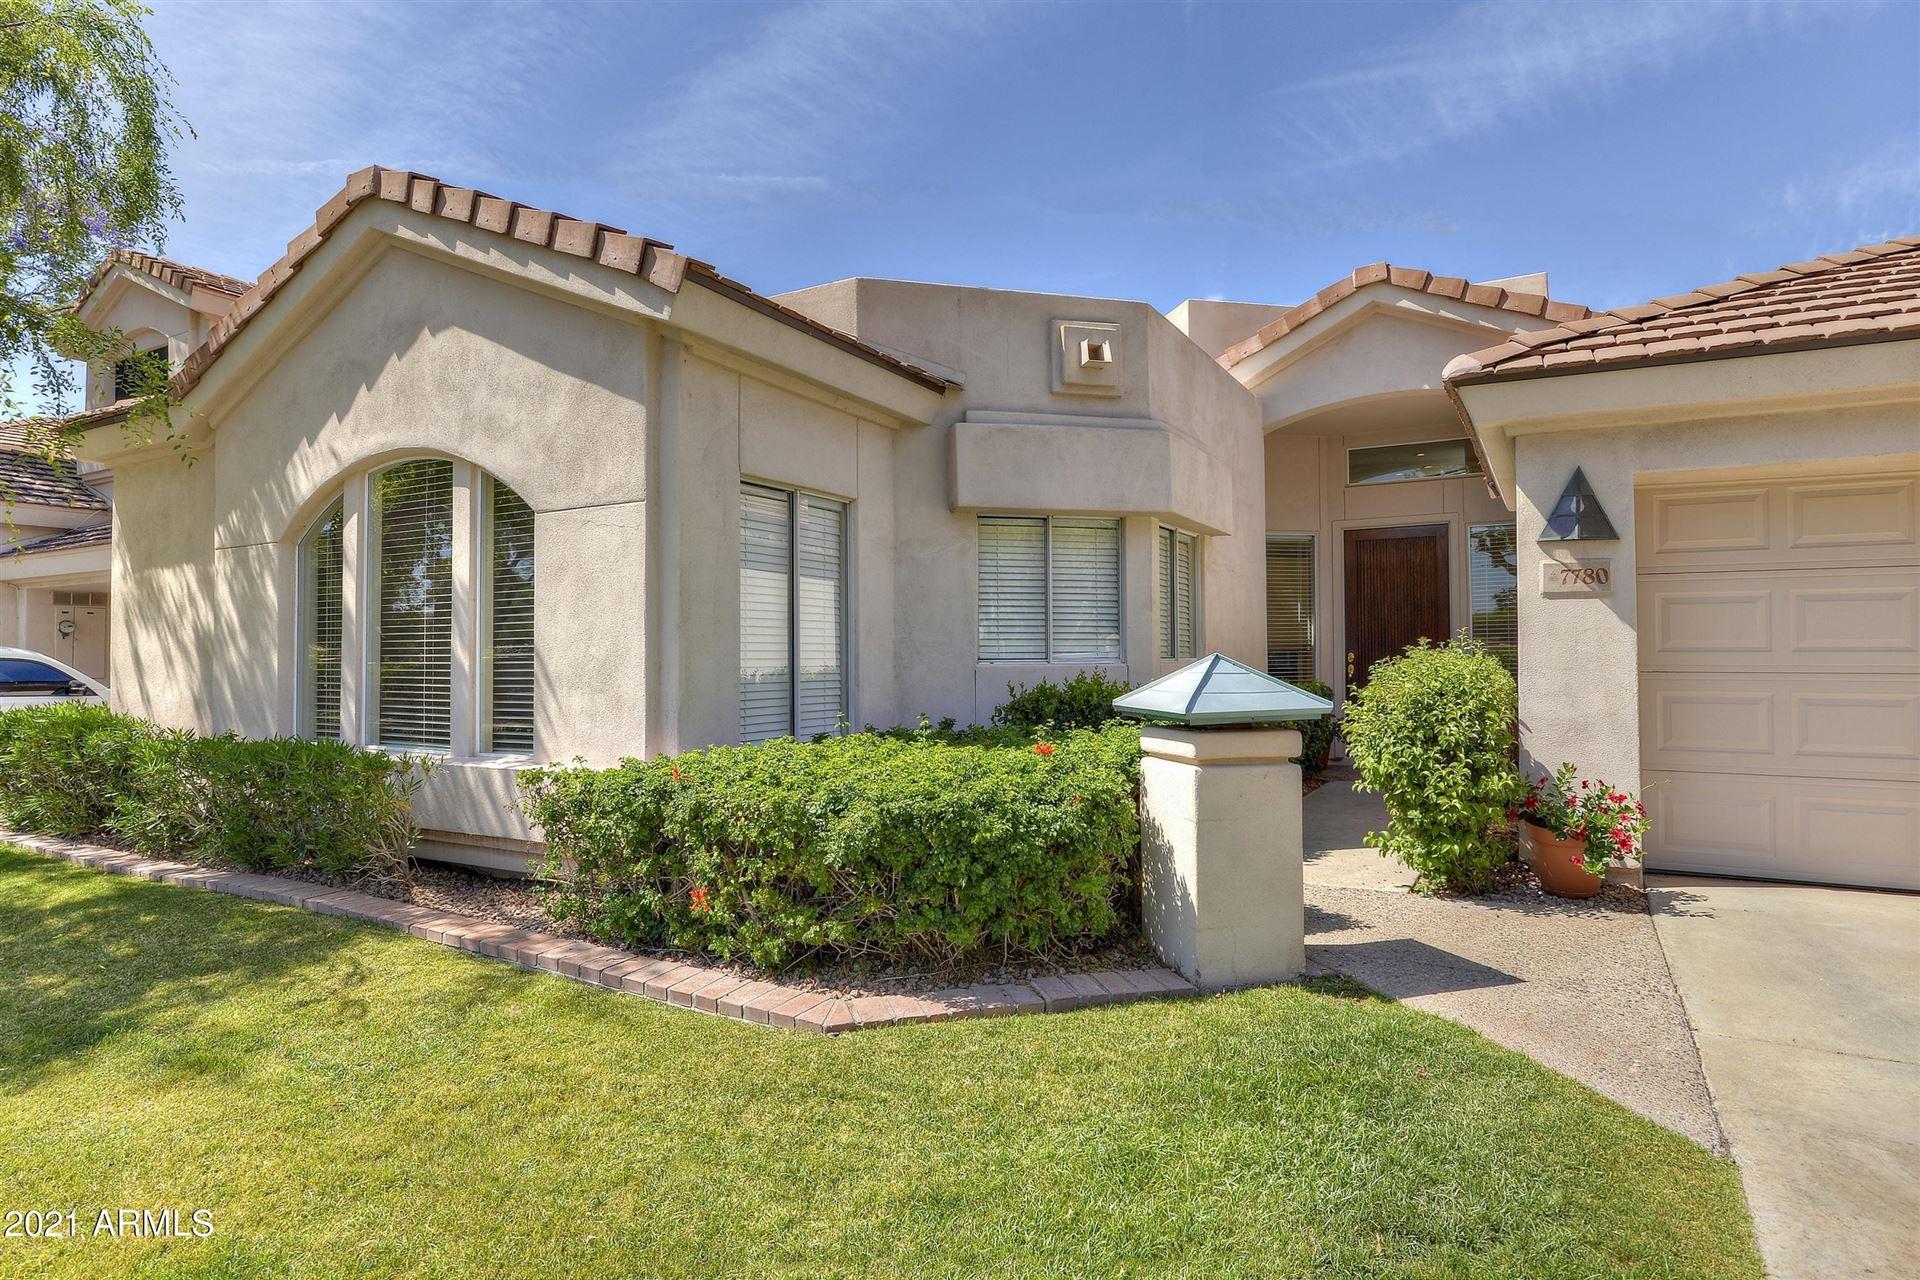 7780 E VIA DE VIVA --, Scottsdale, AZ 85258 - MLS#: 6233081